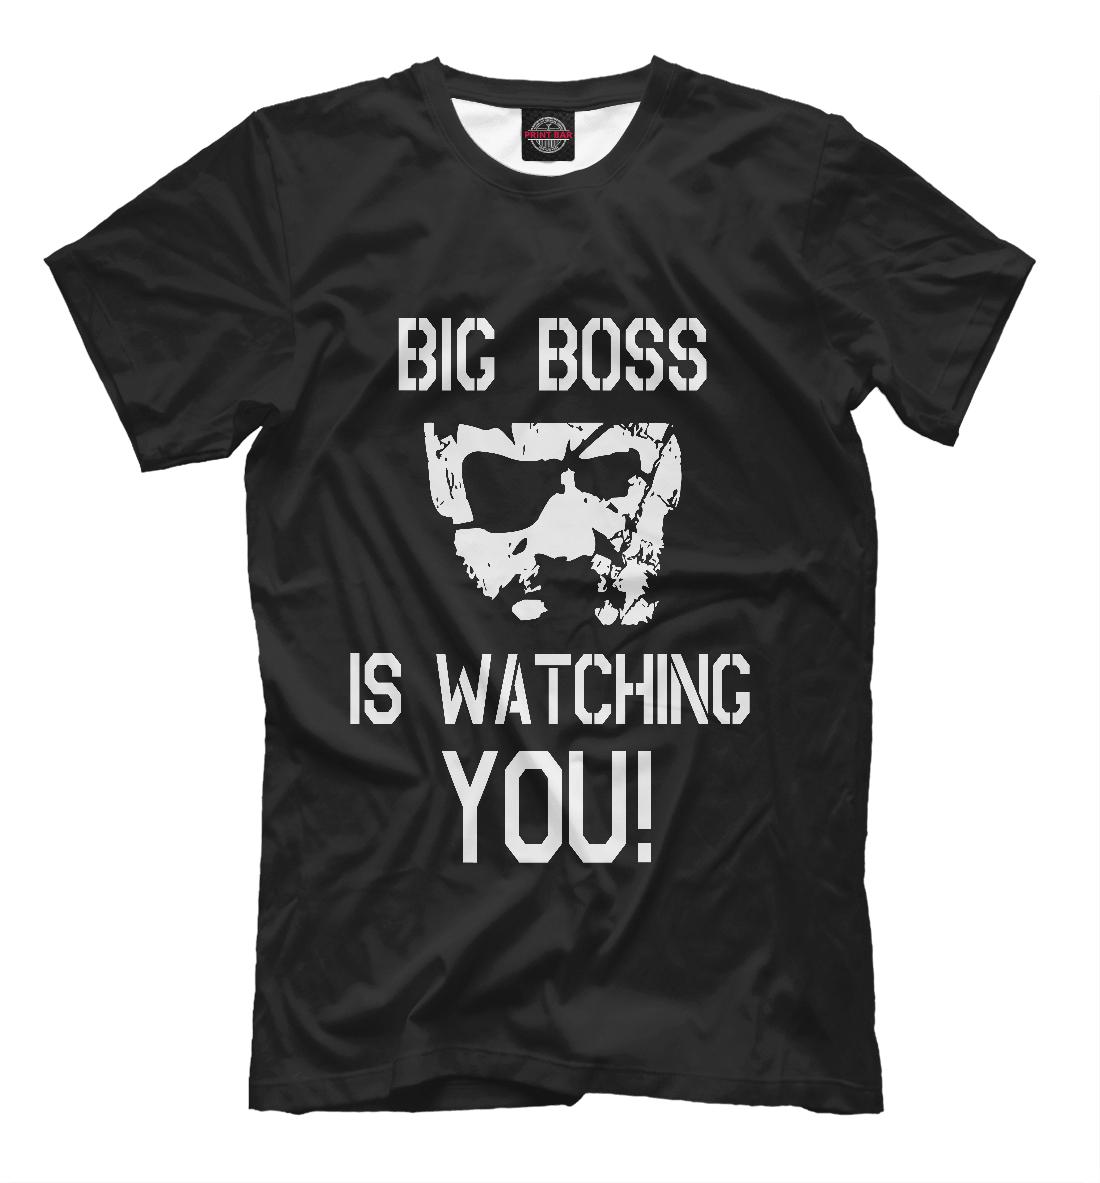 Big Boss big boss